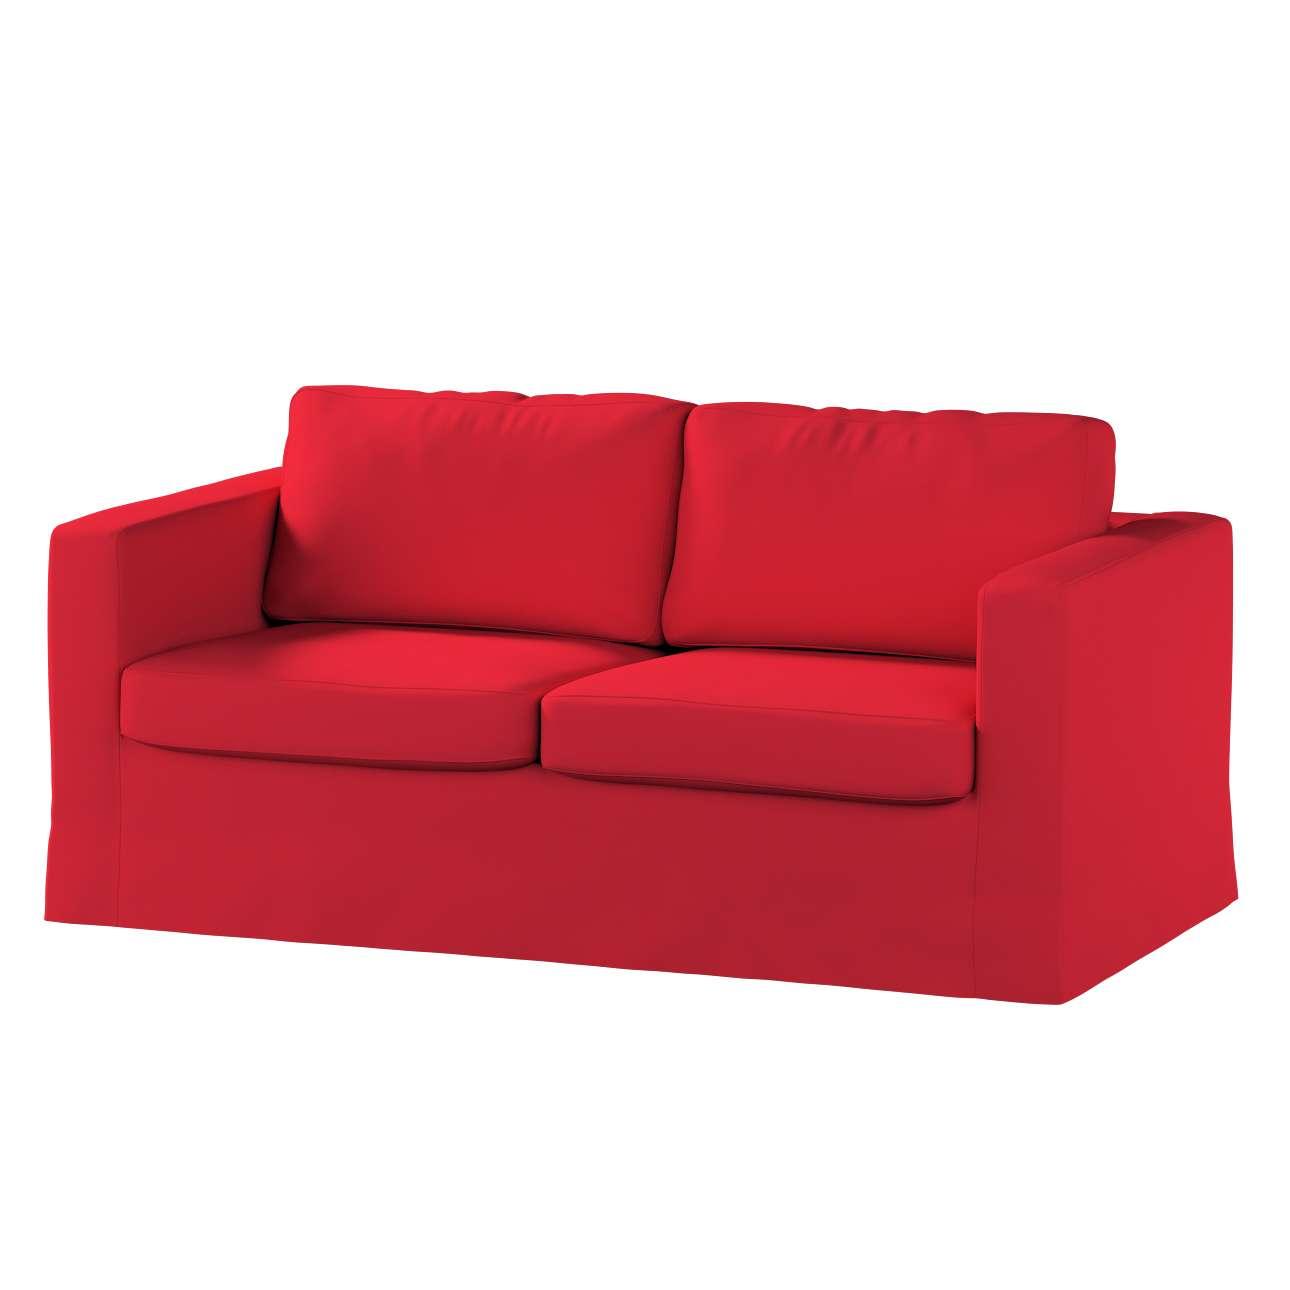 Karlstad 2-Sitzer Sofabezug nicht ausklappbar lang Sofahusse, Karlstad 2-Sitzer von der Kollektion Cotton Panama, Stoff: 702-04